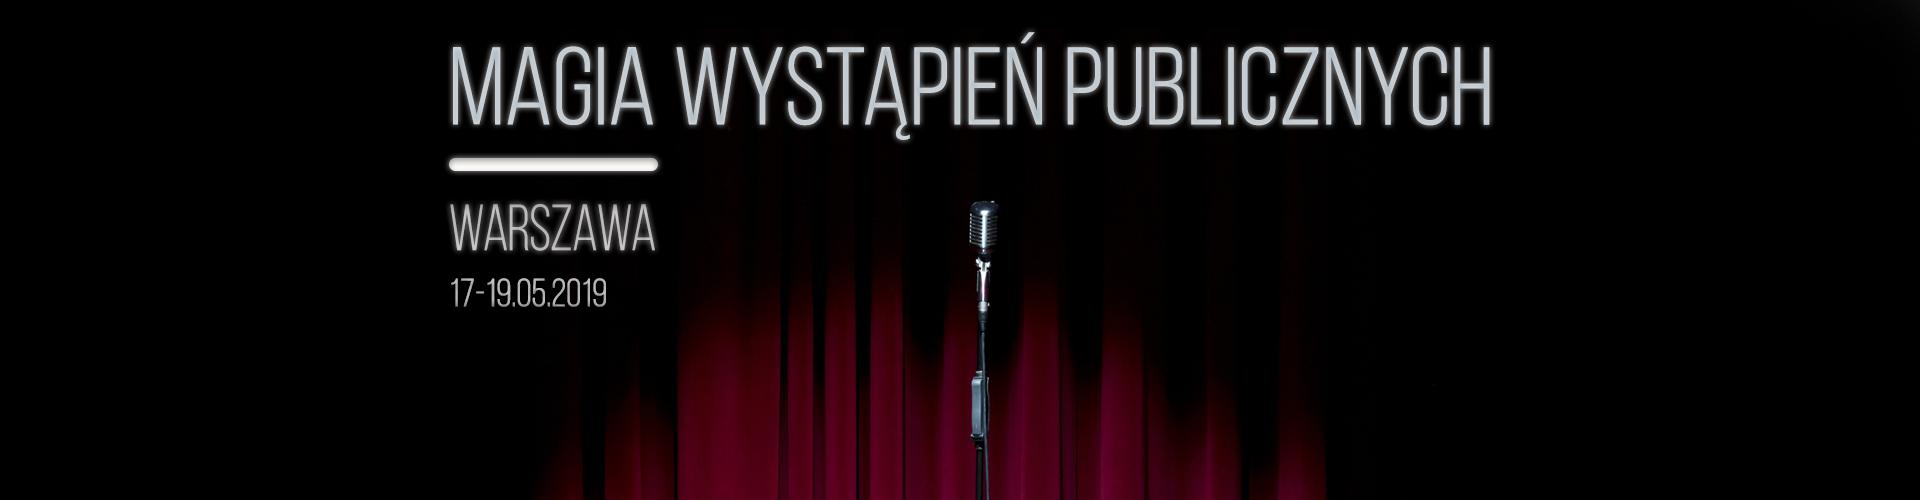 wystapienia-publiczne-2